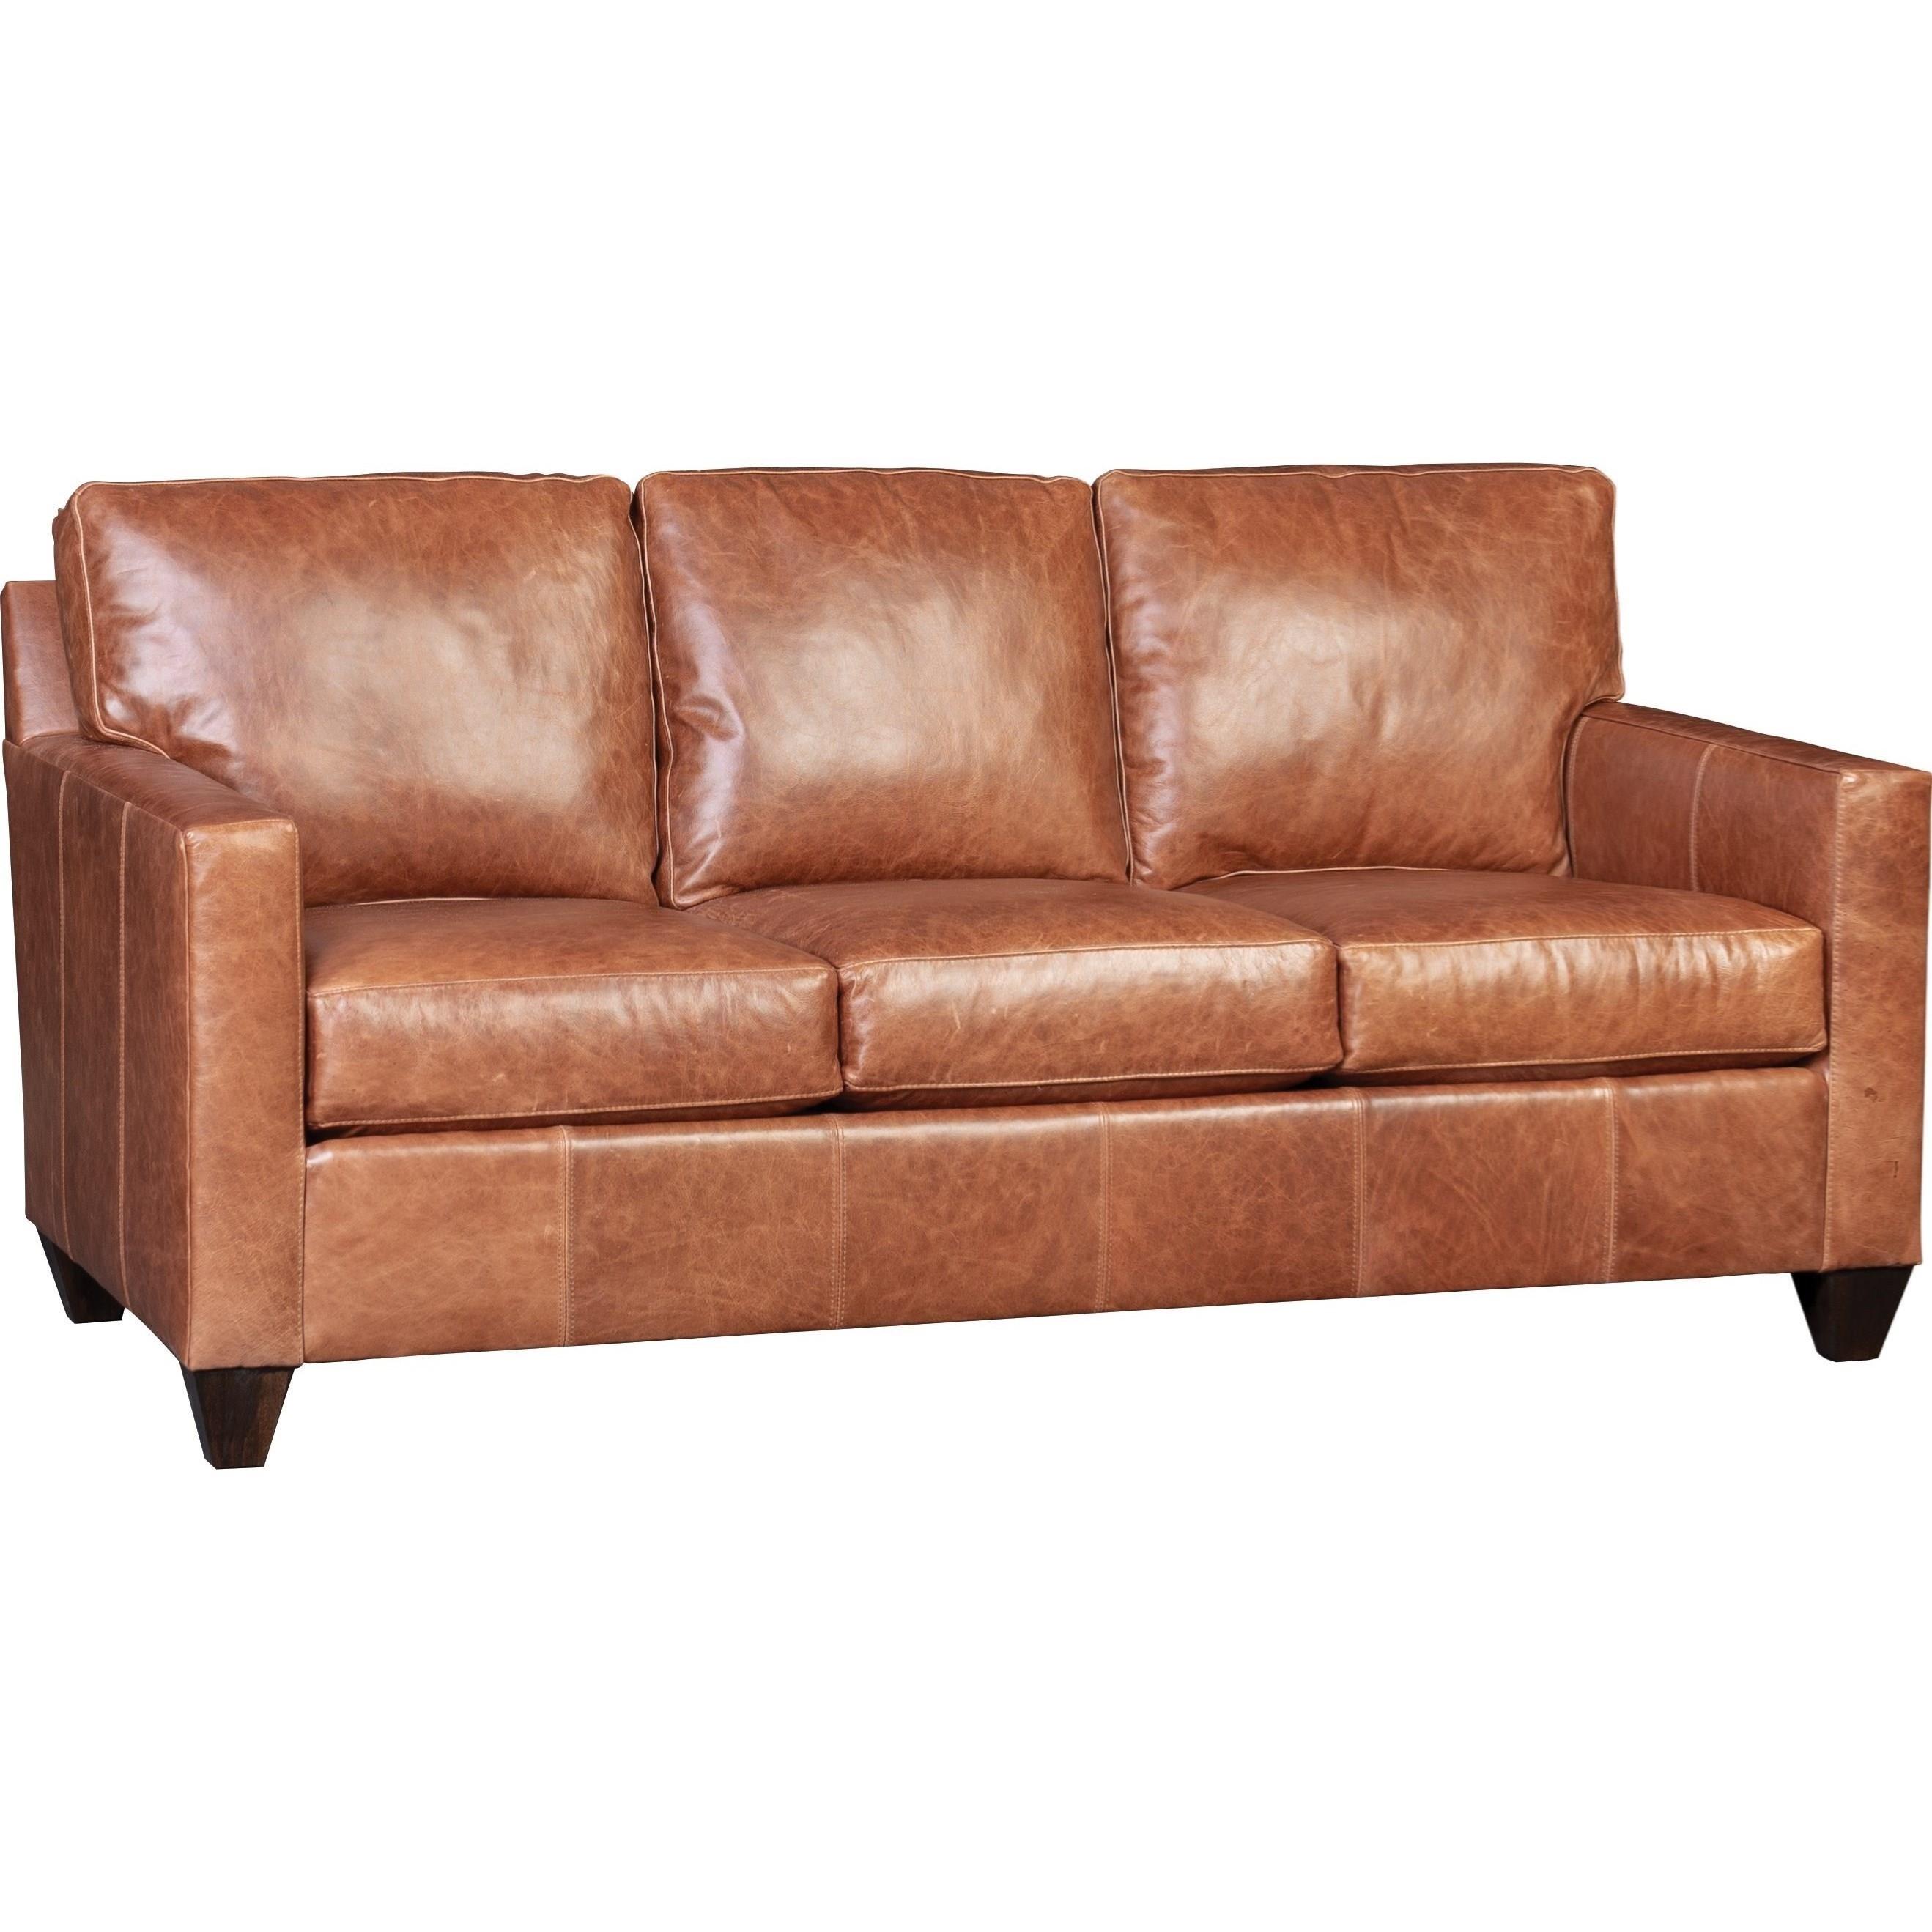 3488 Sofa by Mayo at Pedigo Furniture